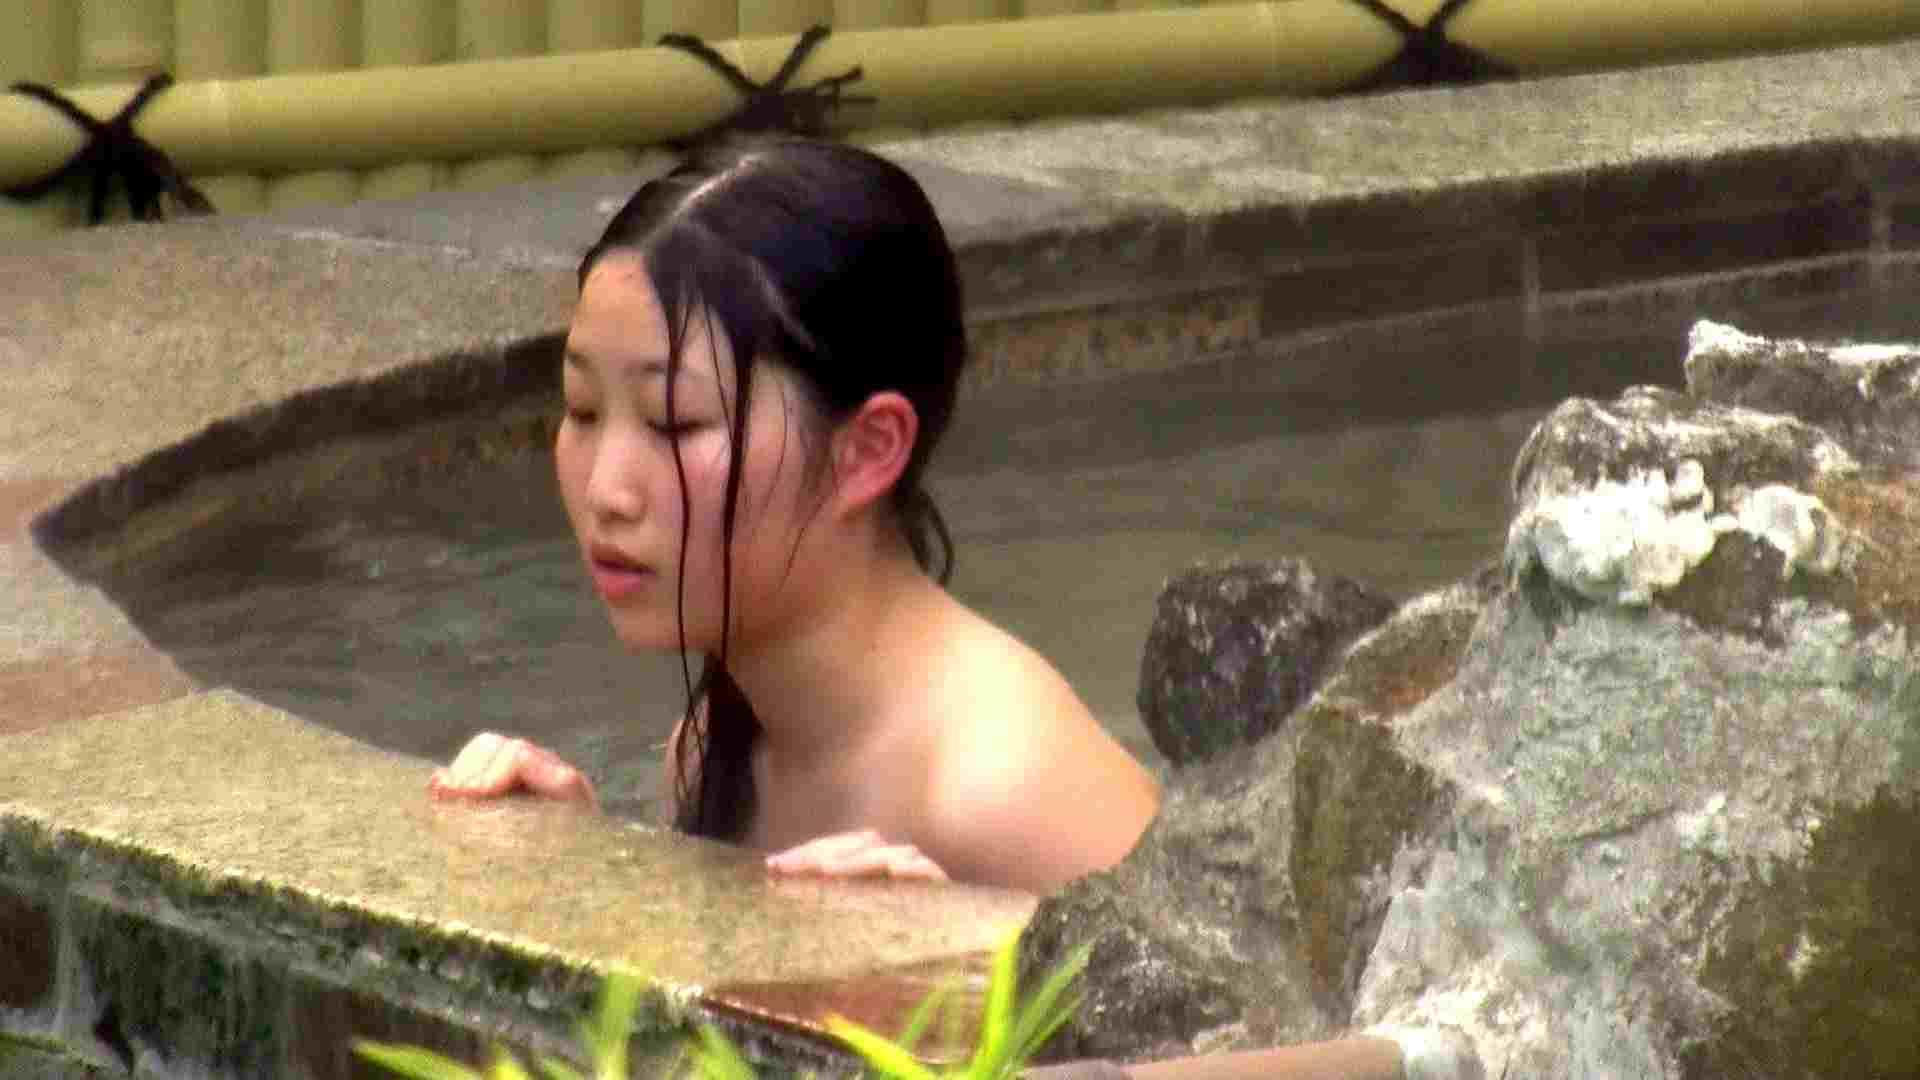 Aquaな露天風呂Vol.218 綺麗なOLたち | 盗撮  75枚 31